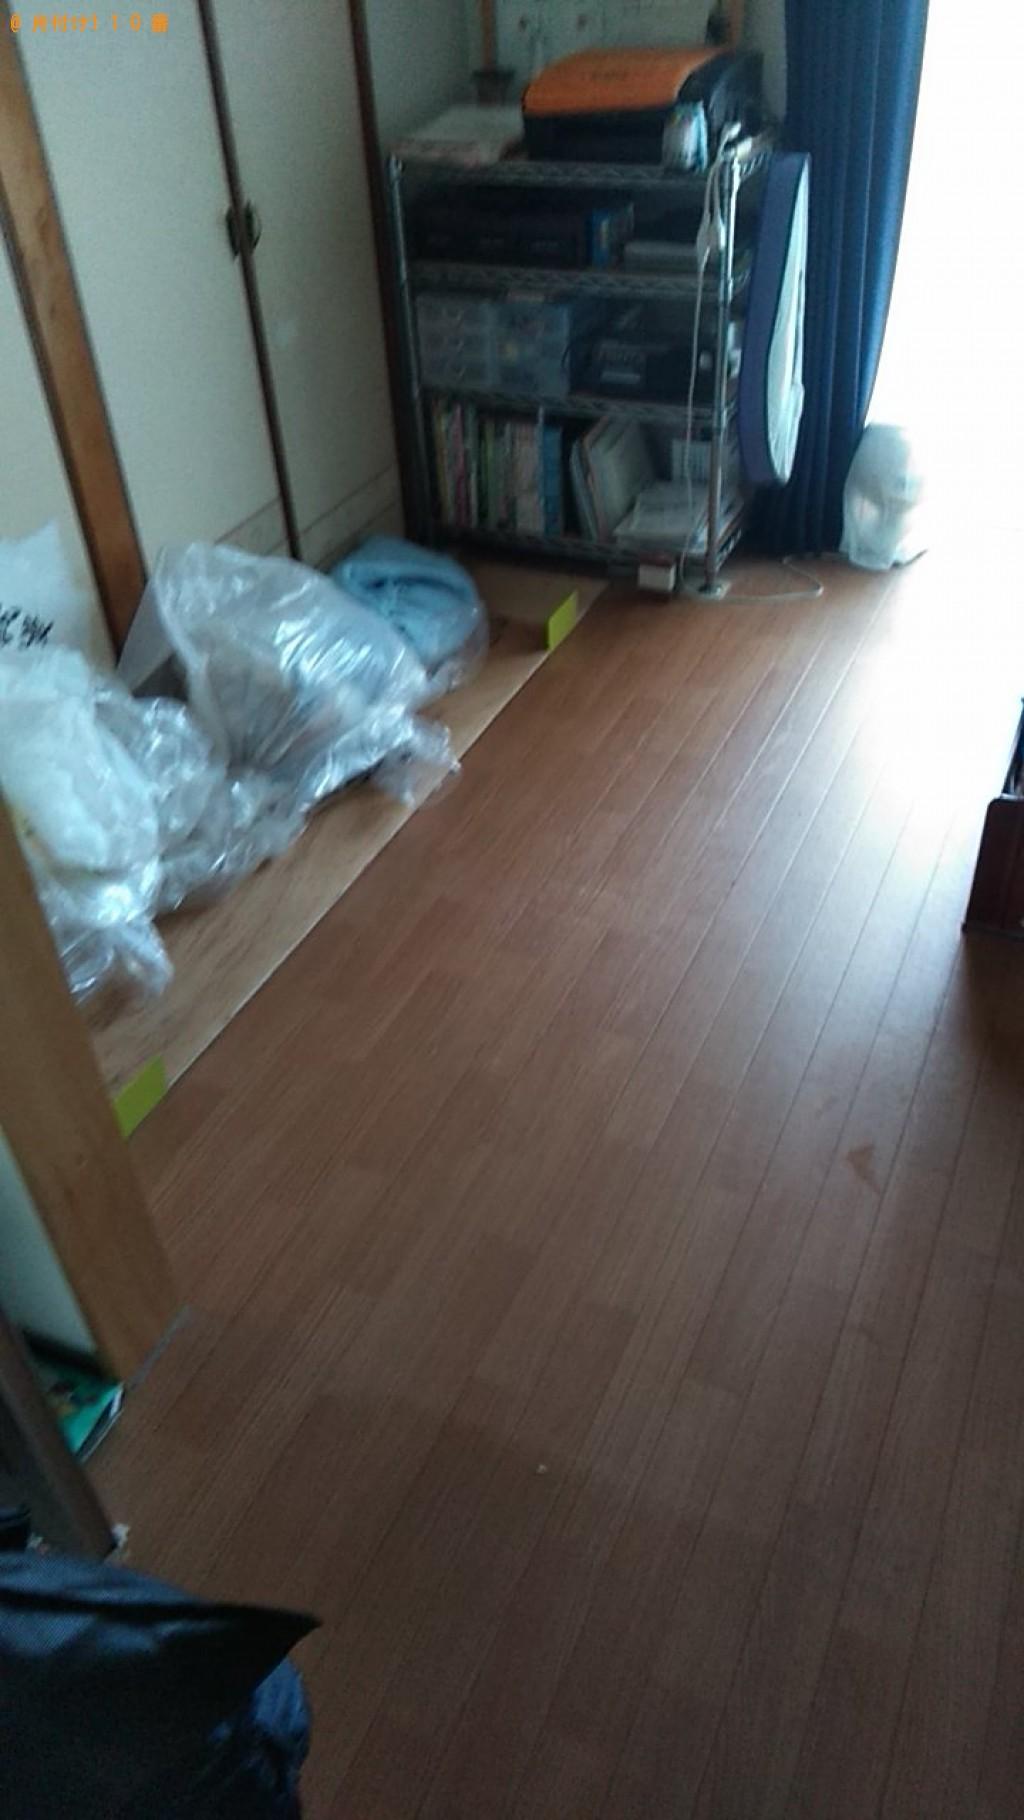 【松山市湊町】ウレタンマットレス、布団の回収・処分ご依頼